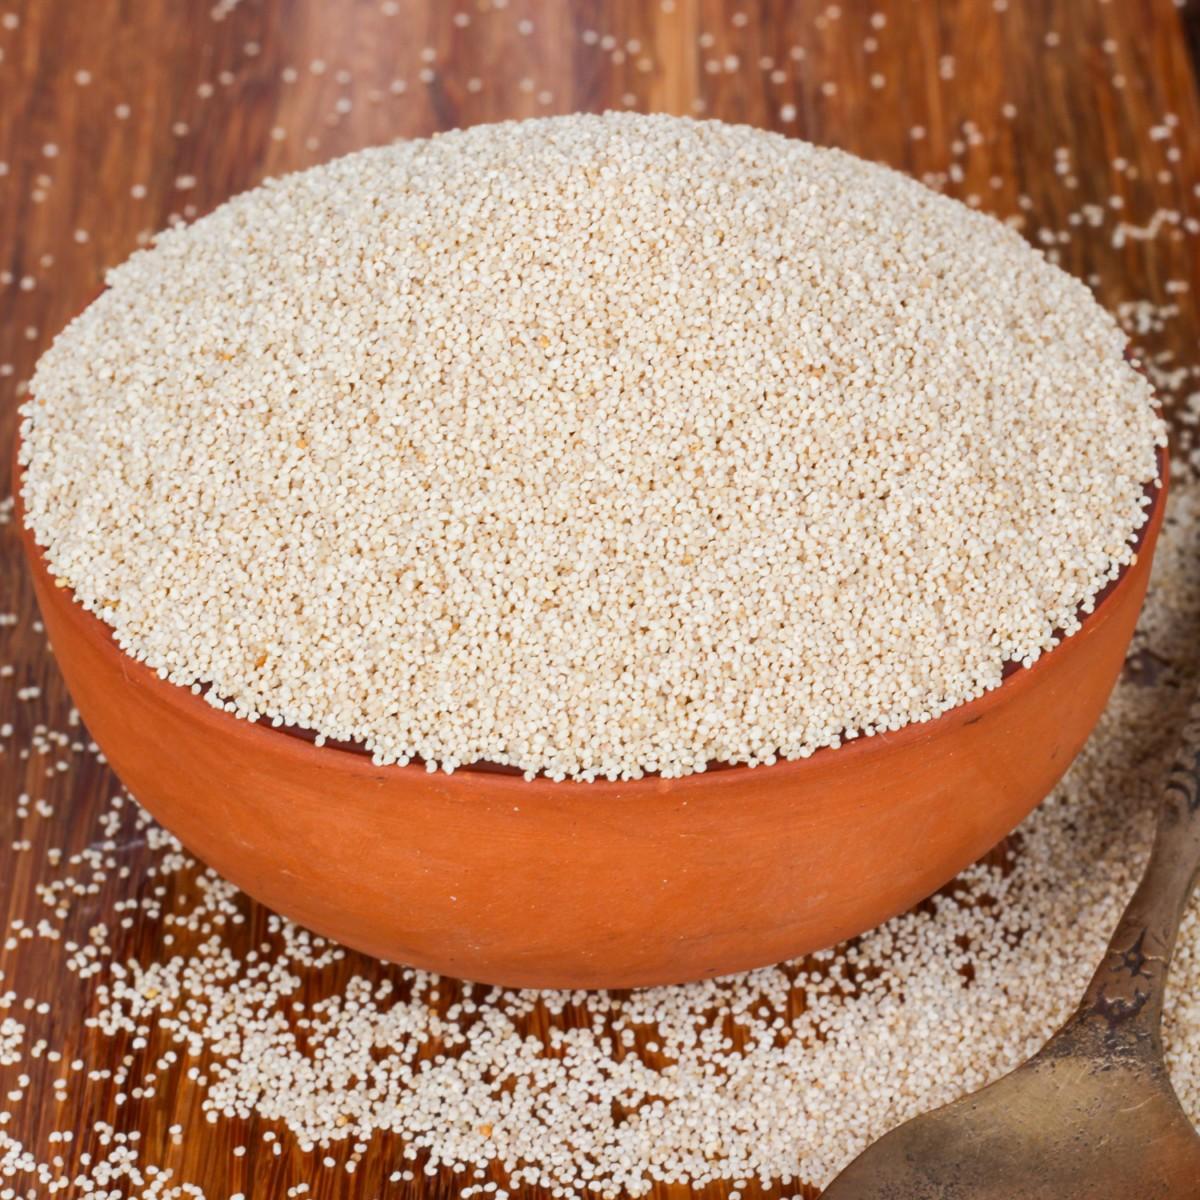 200g Khus Khus Poppy Seeds Whole white Spice 7oz